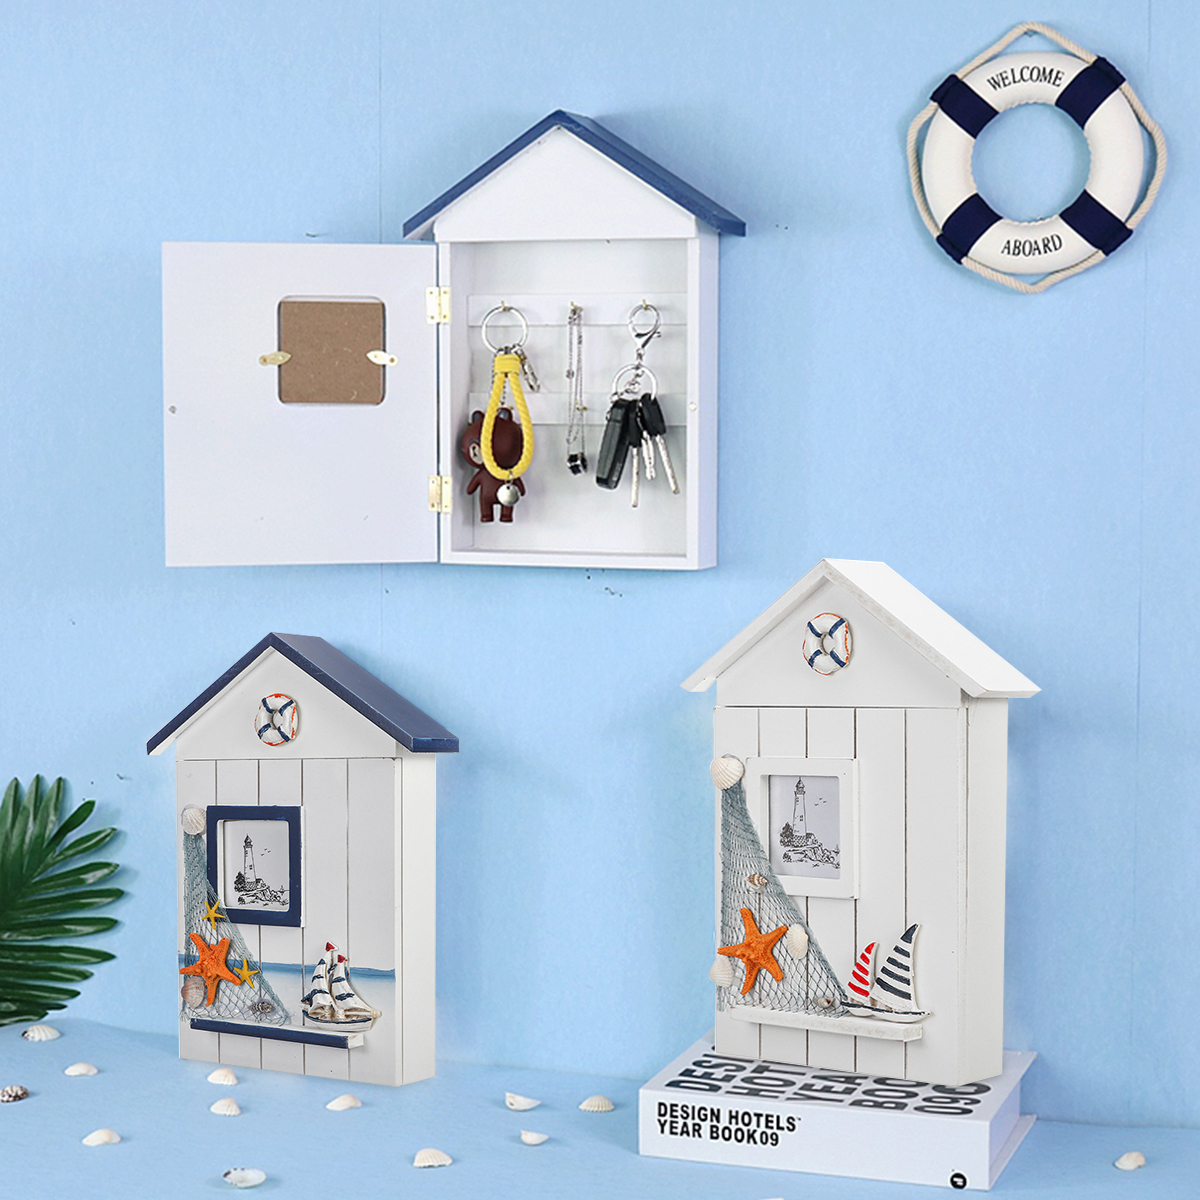 Ключик для дома в средиземноморском стиле Коробка держатель Органайзер настенное крепление Инструмент Коробкаs